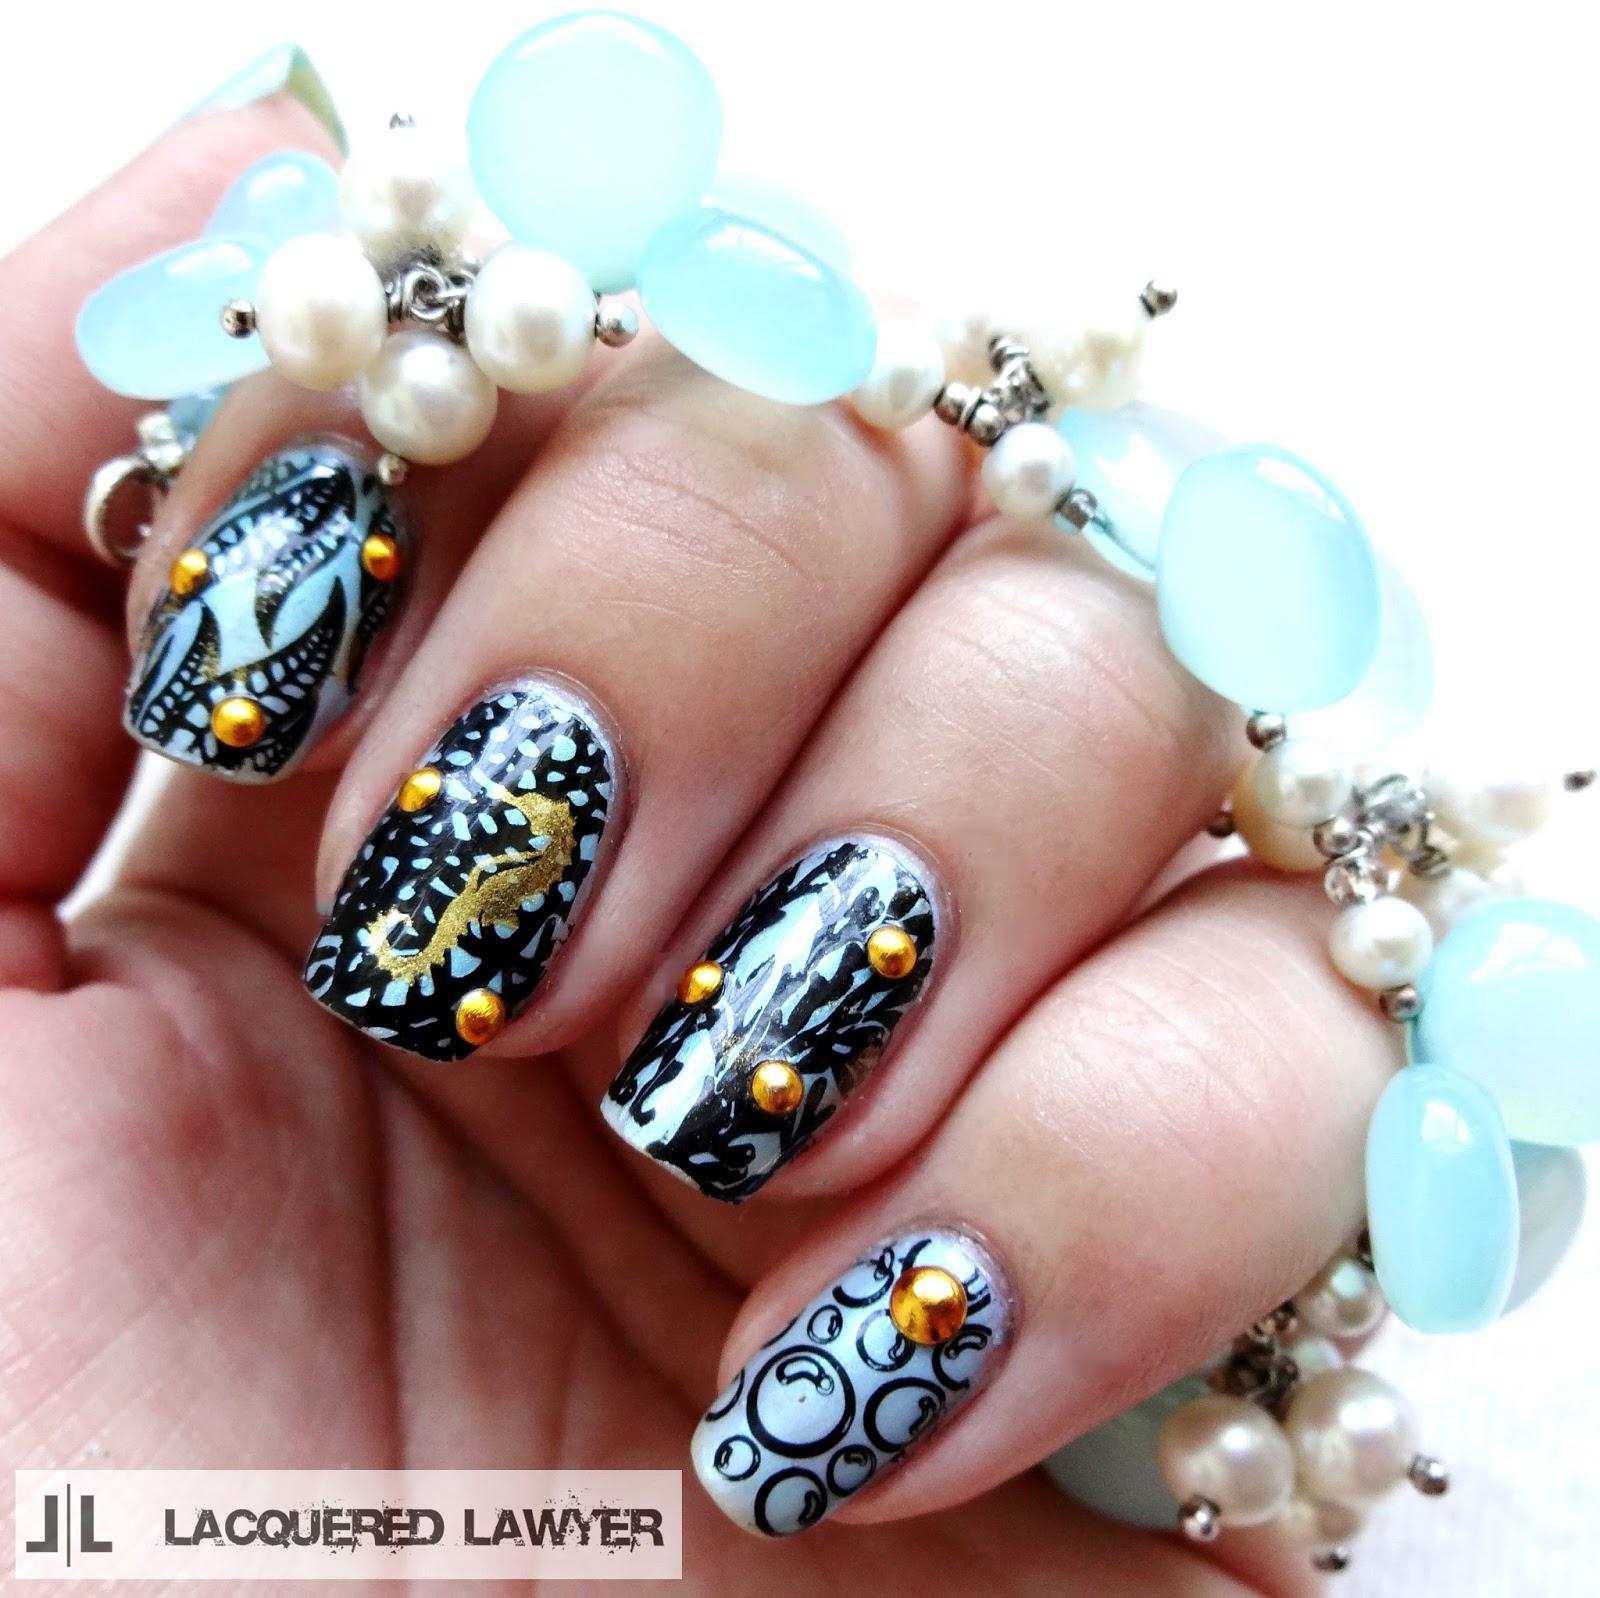 Science Nail Designs: Nail Art Blog: Enchantment Under The Sea